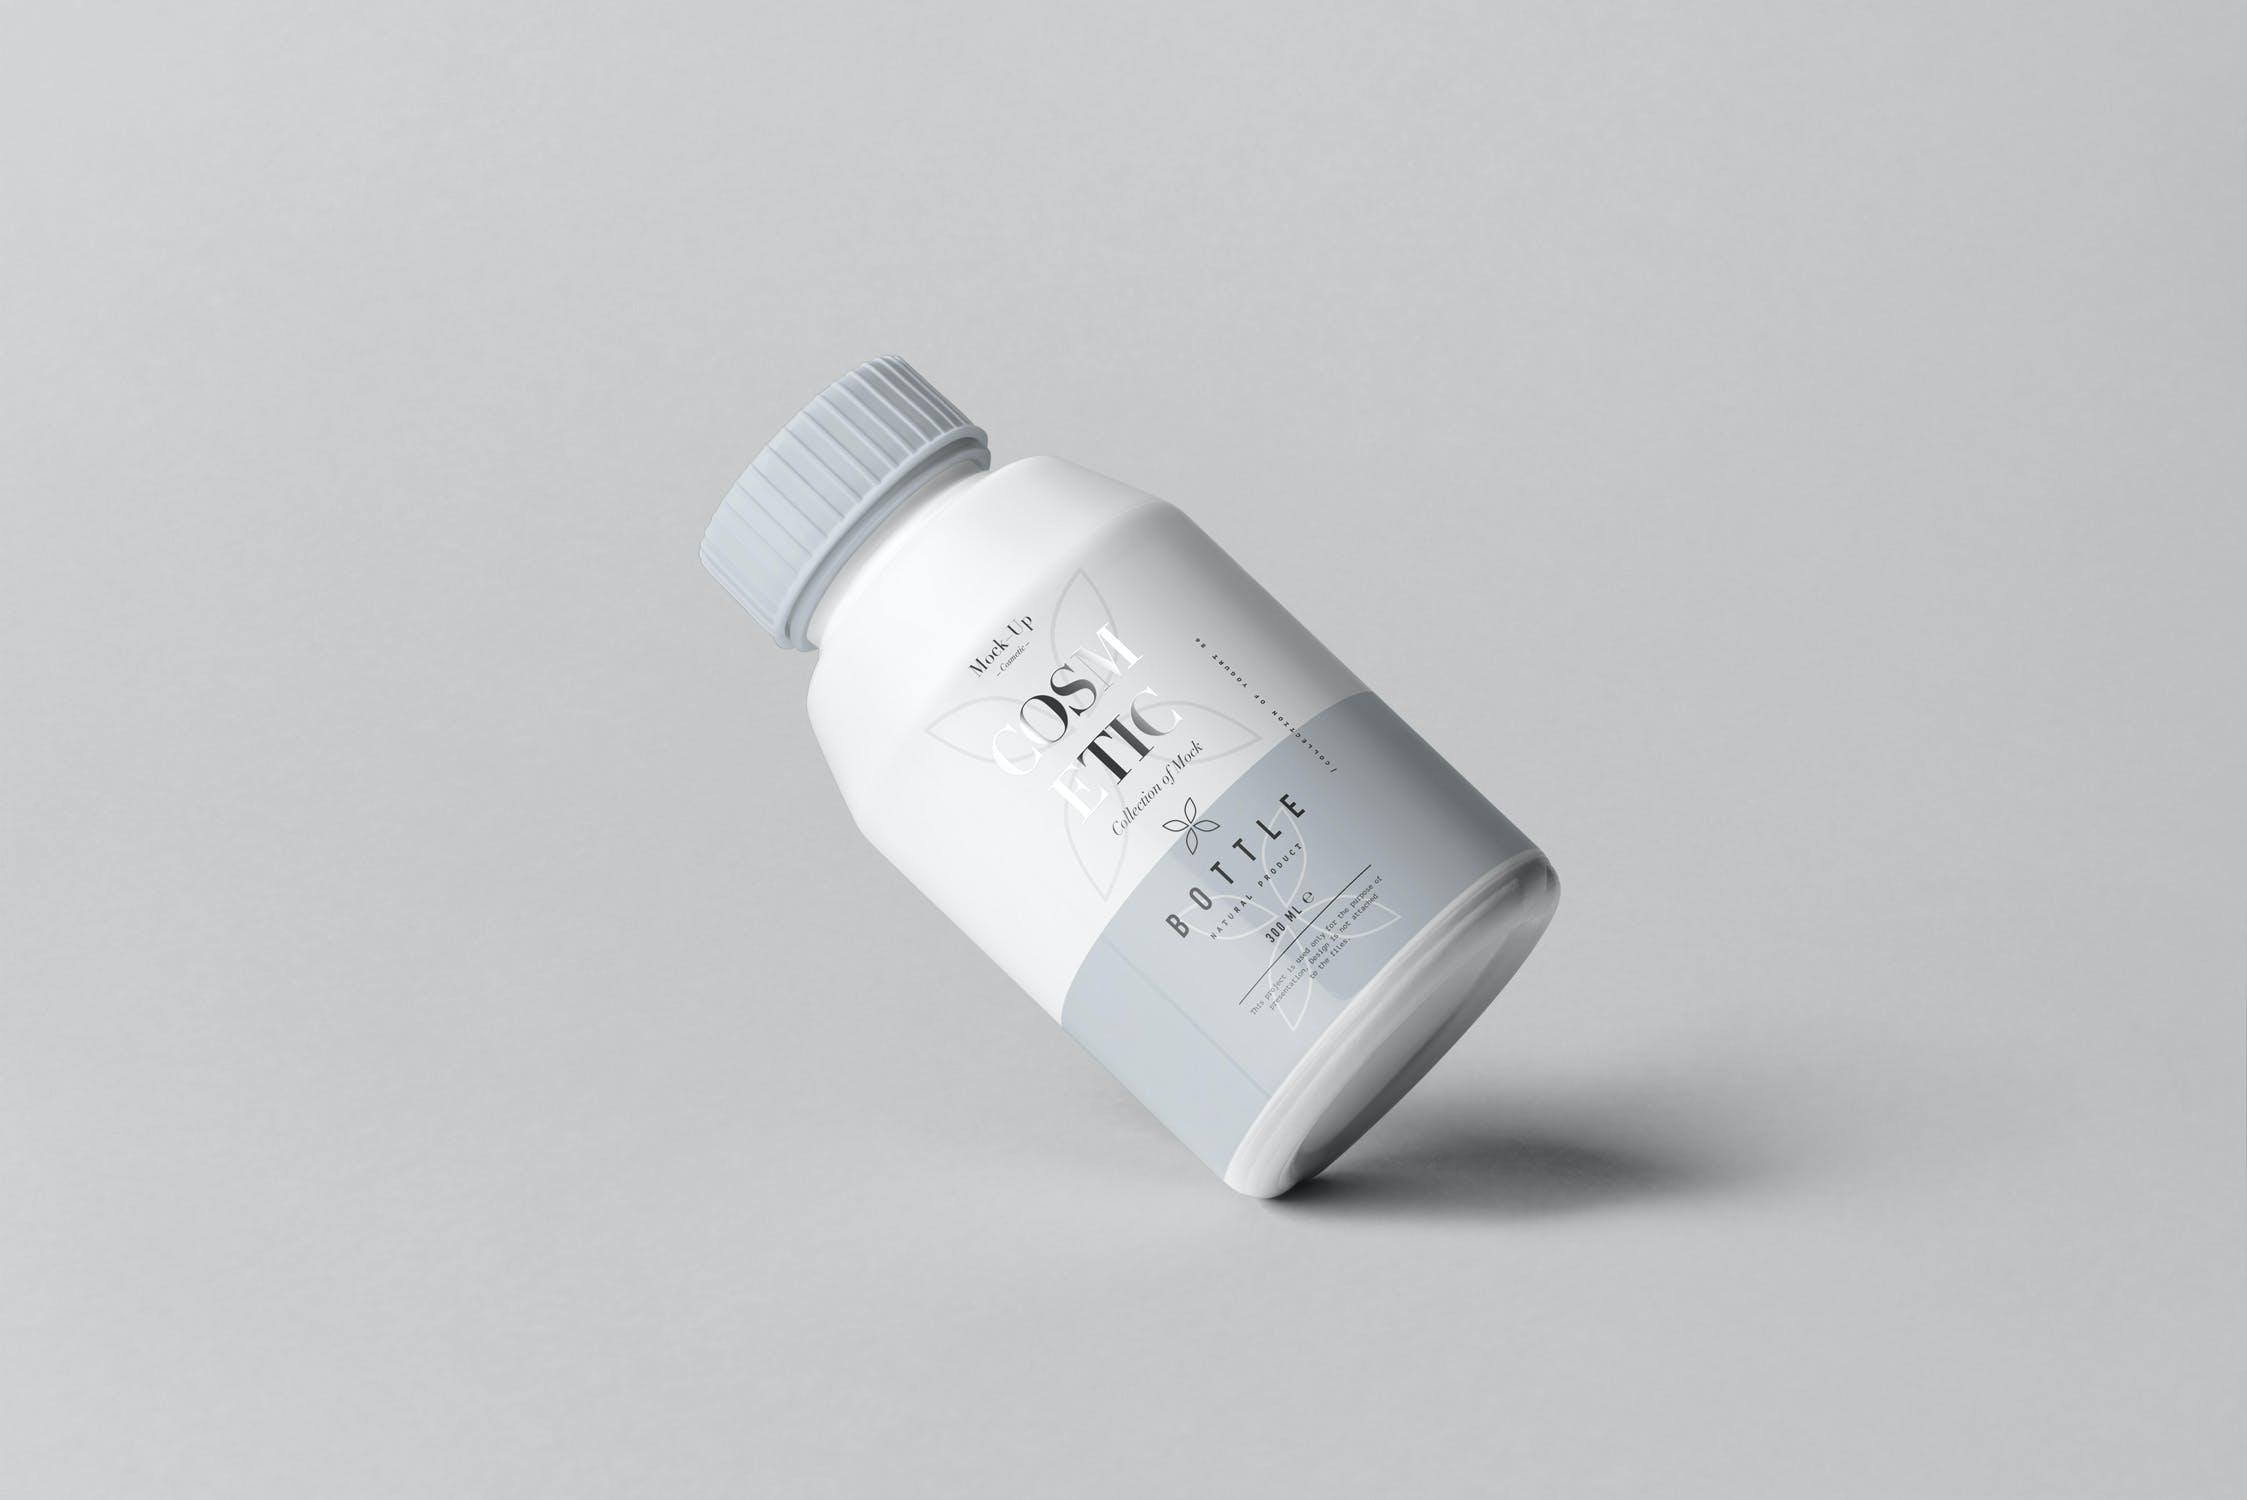 10款化妆品塑料包装罐设计展示样机PSD模板 Cosmetic Bottle Mockup 3插图(11)